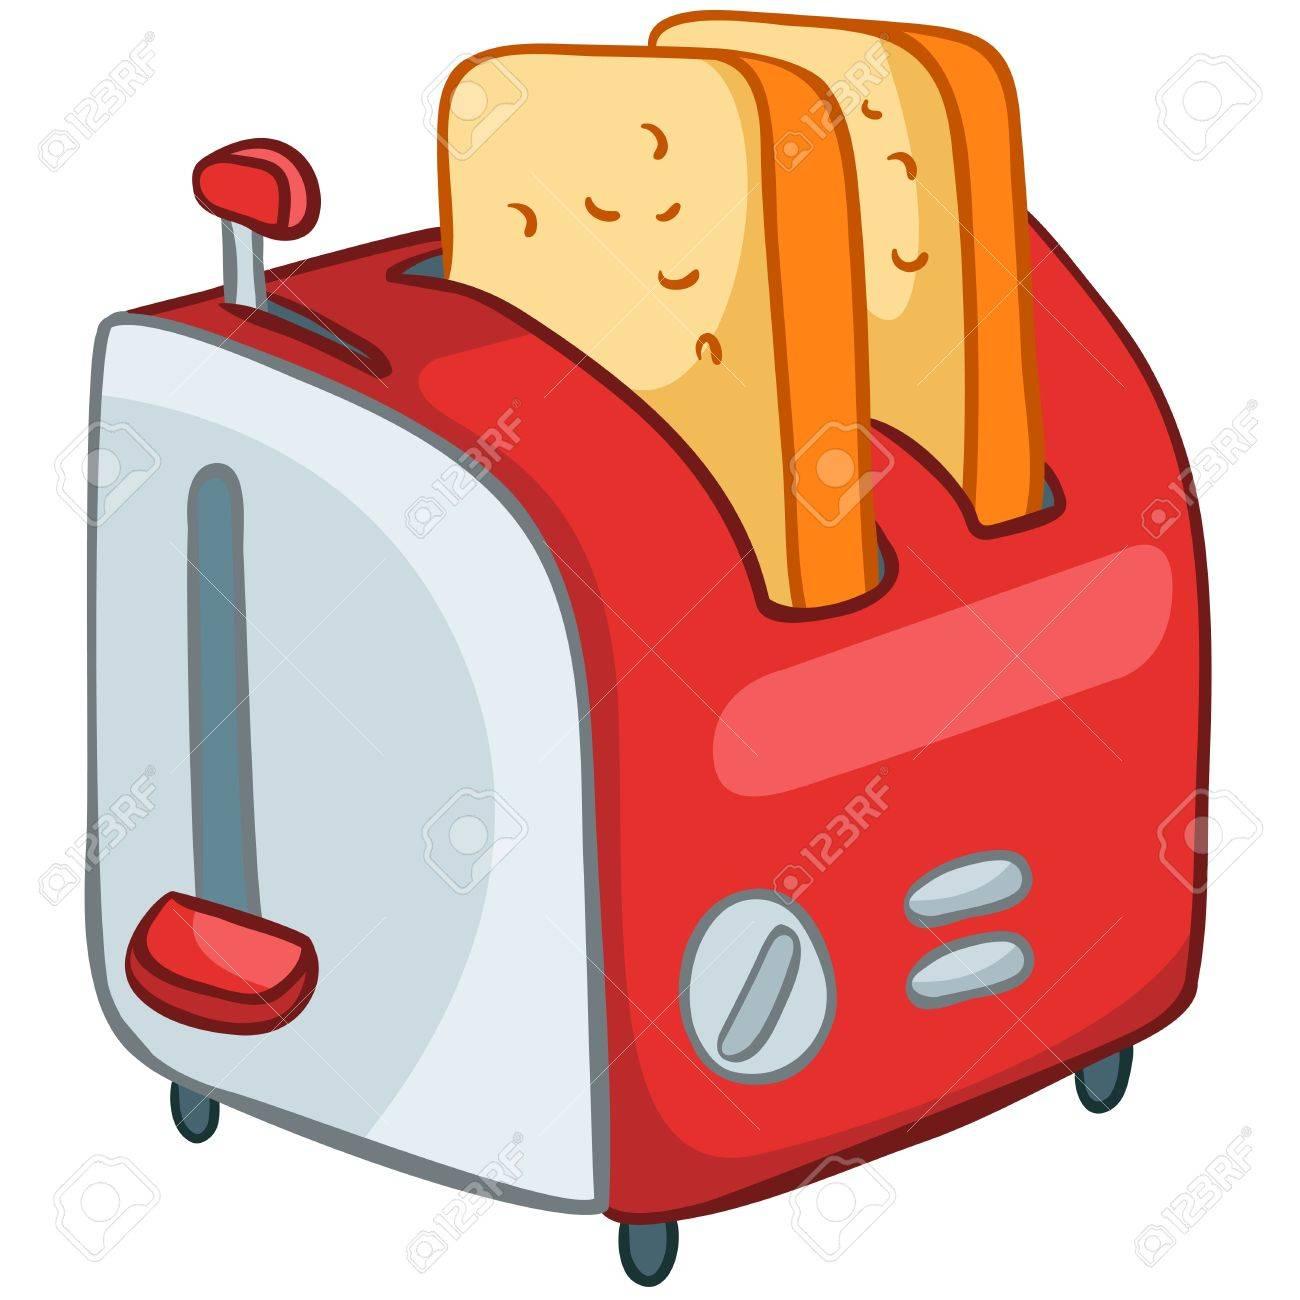 Cartoon Home Kitchen Toaster.